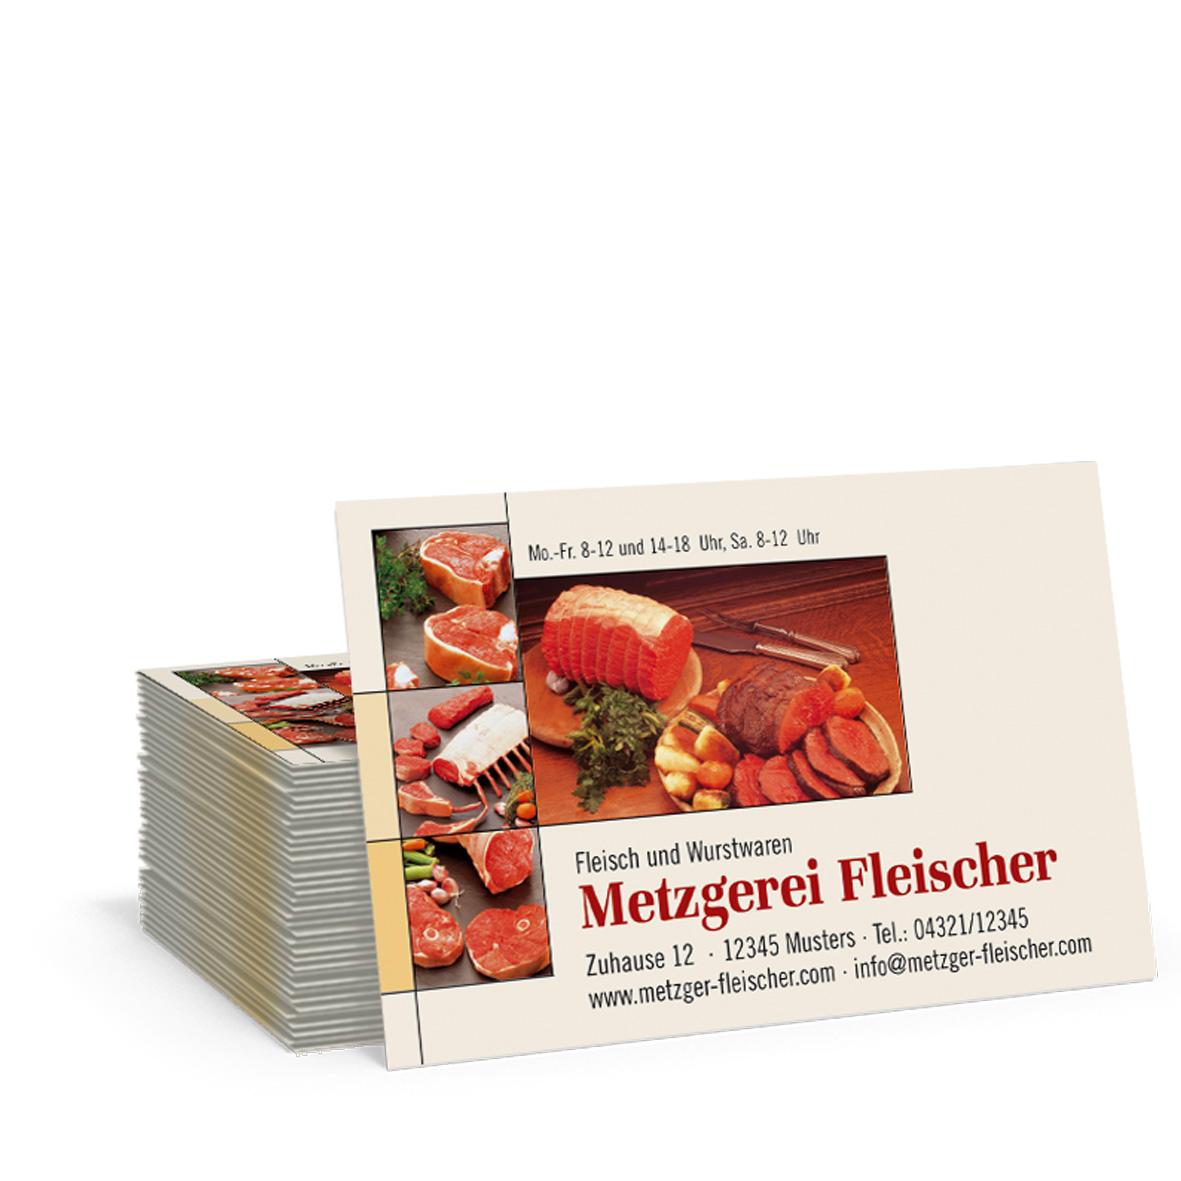 Pythagoras Marketing Gmbh Visitenkarte Geschenkgutscheine Visitenkarten Kundenkarten Und Weitere Treuesysteme